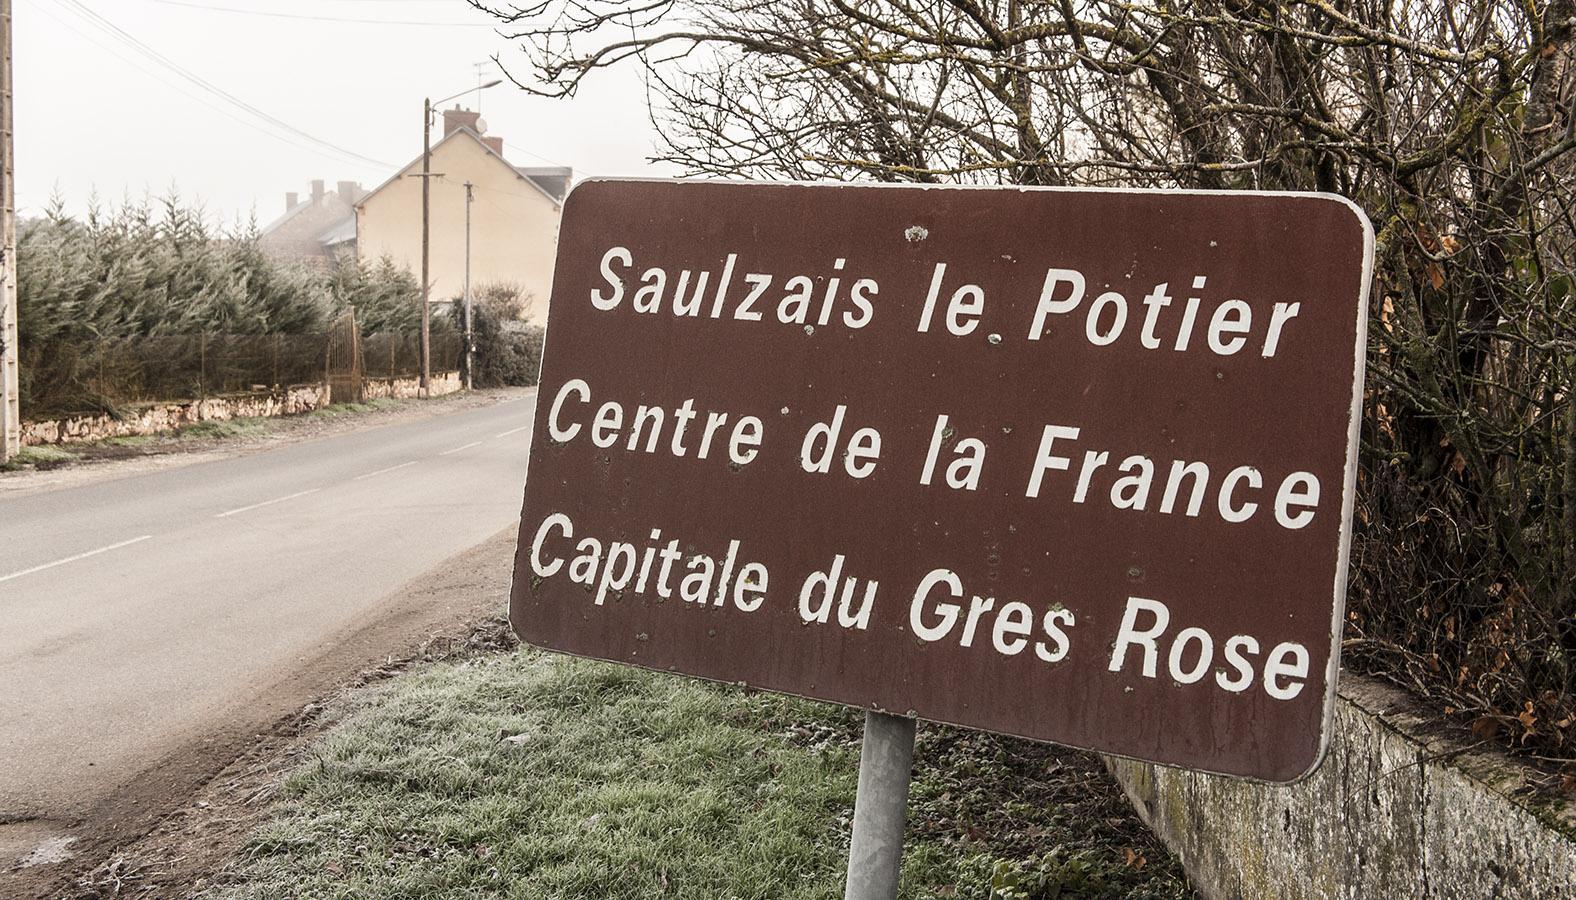 Unterwegs im Berry. Mathematisch berechnet: das geografische Zentrum Frankreichs in Saulzais-le-Potier. Foto: Hilke Maunder